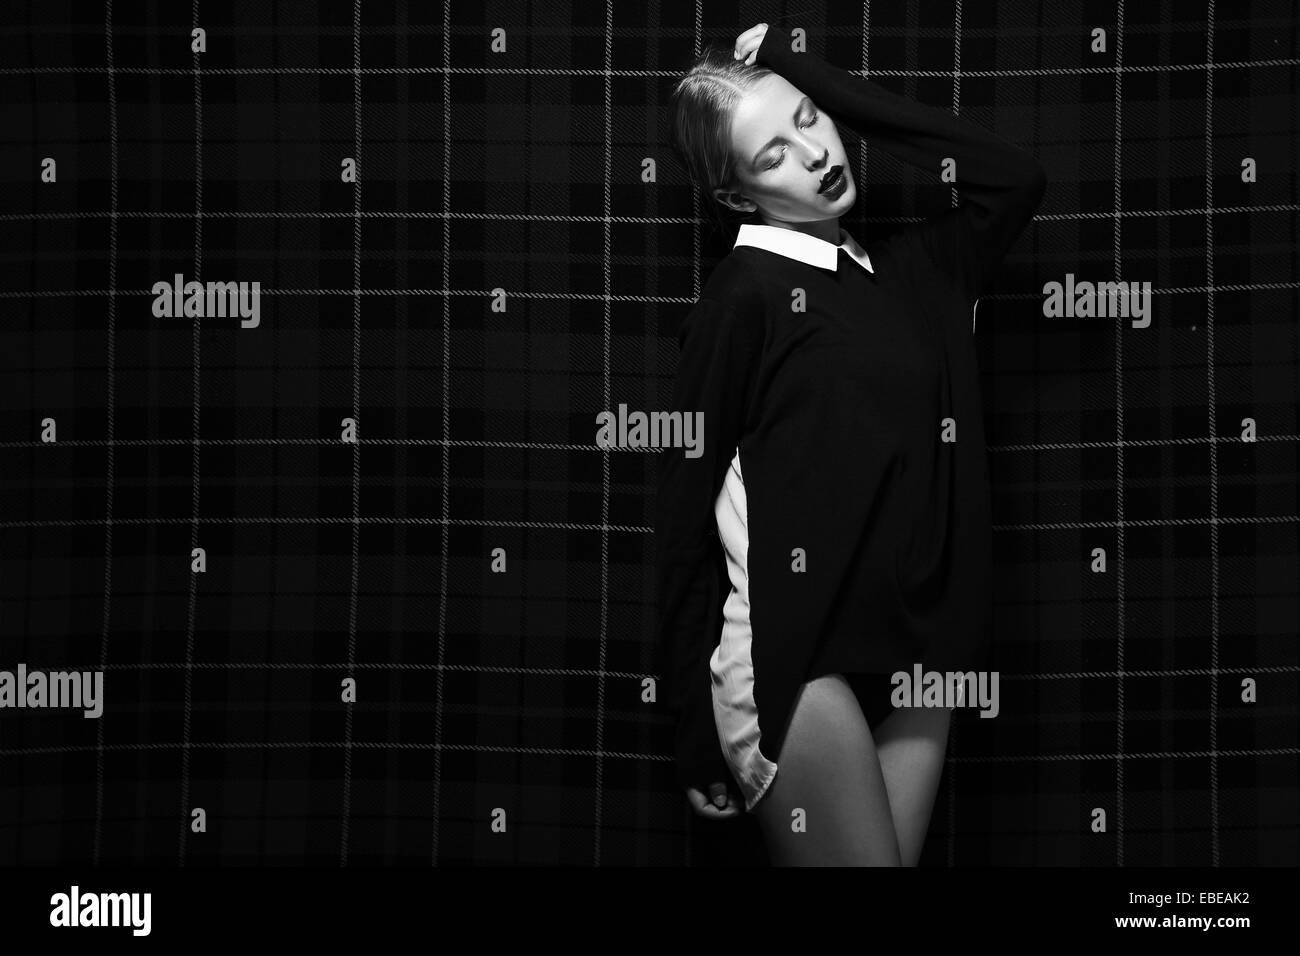 Image en noir et blanc de la mode femme sur fond carré Banque D'Images